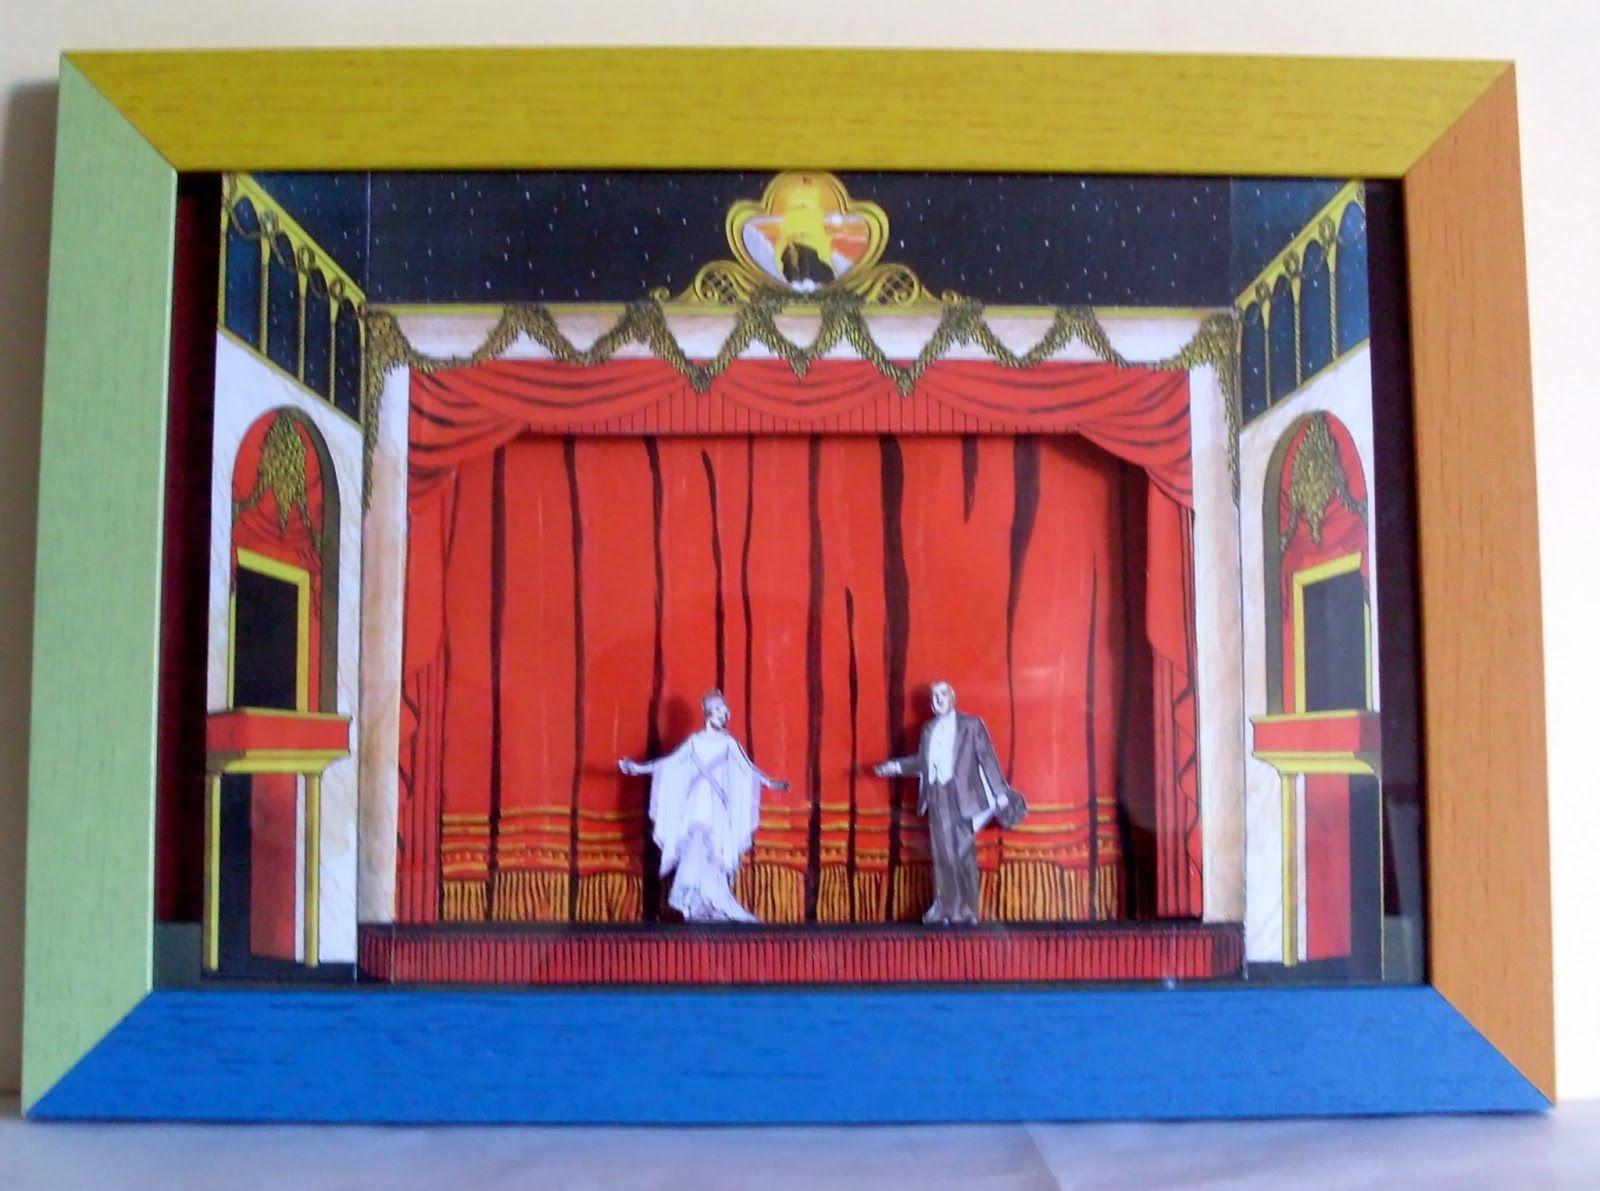 maqueta teatro carton - Buscar con Google